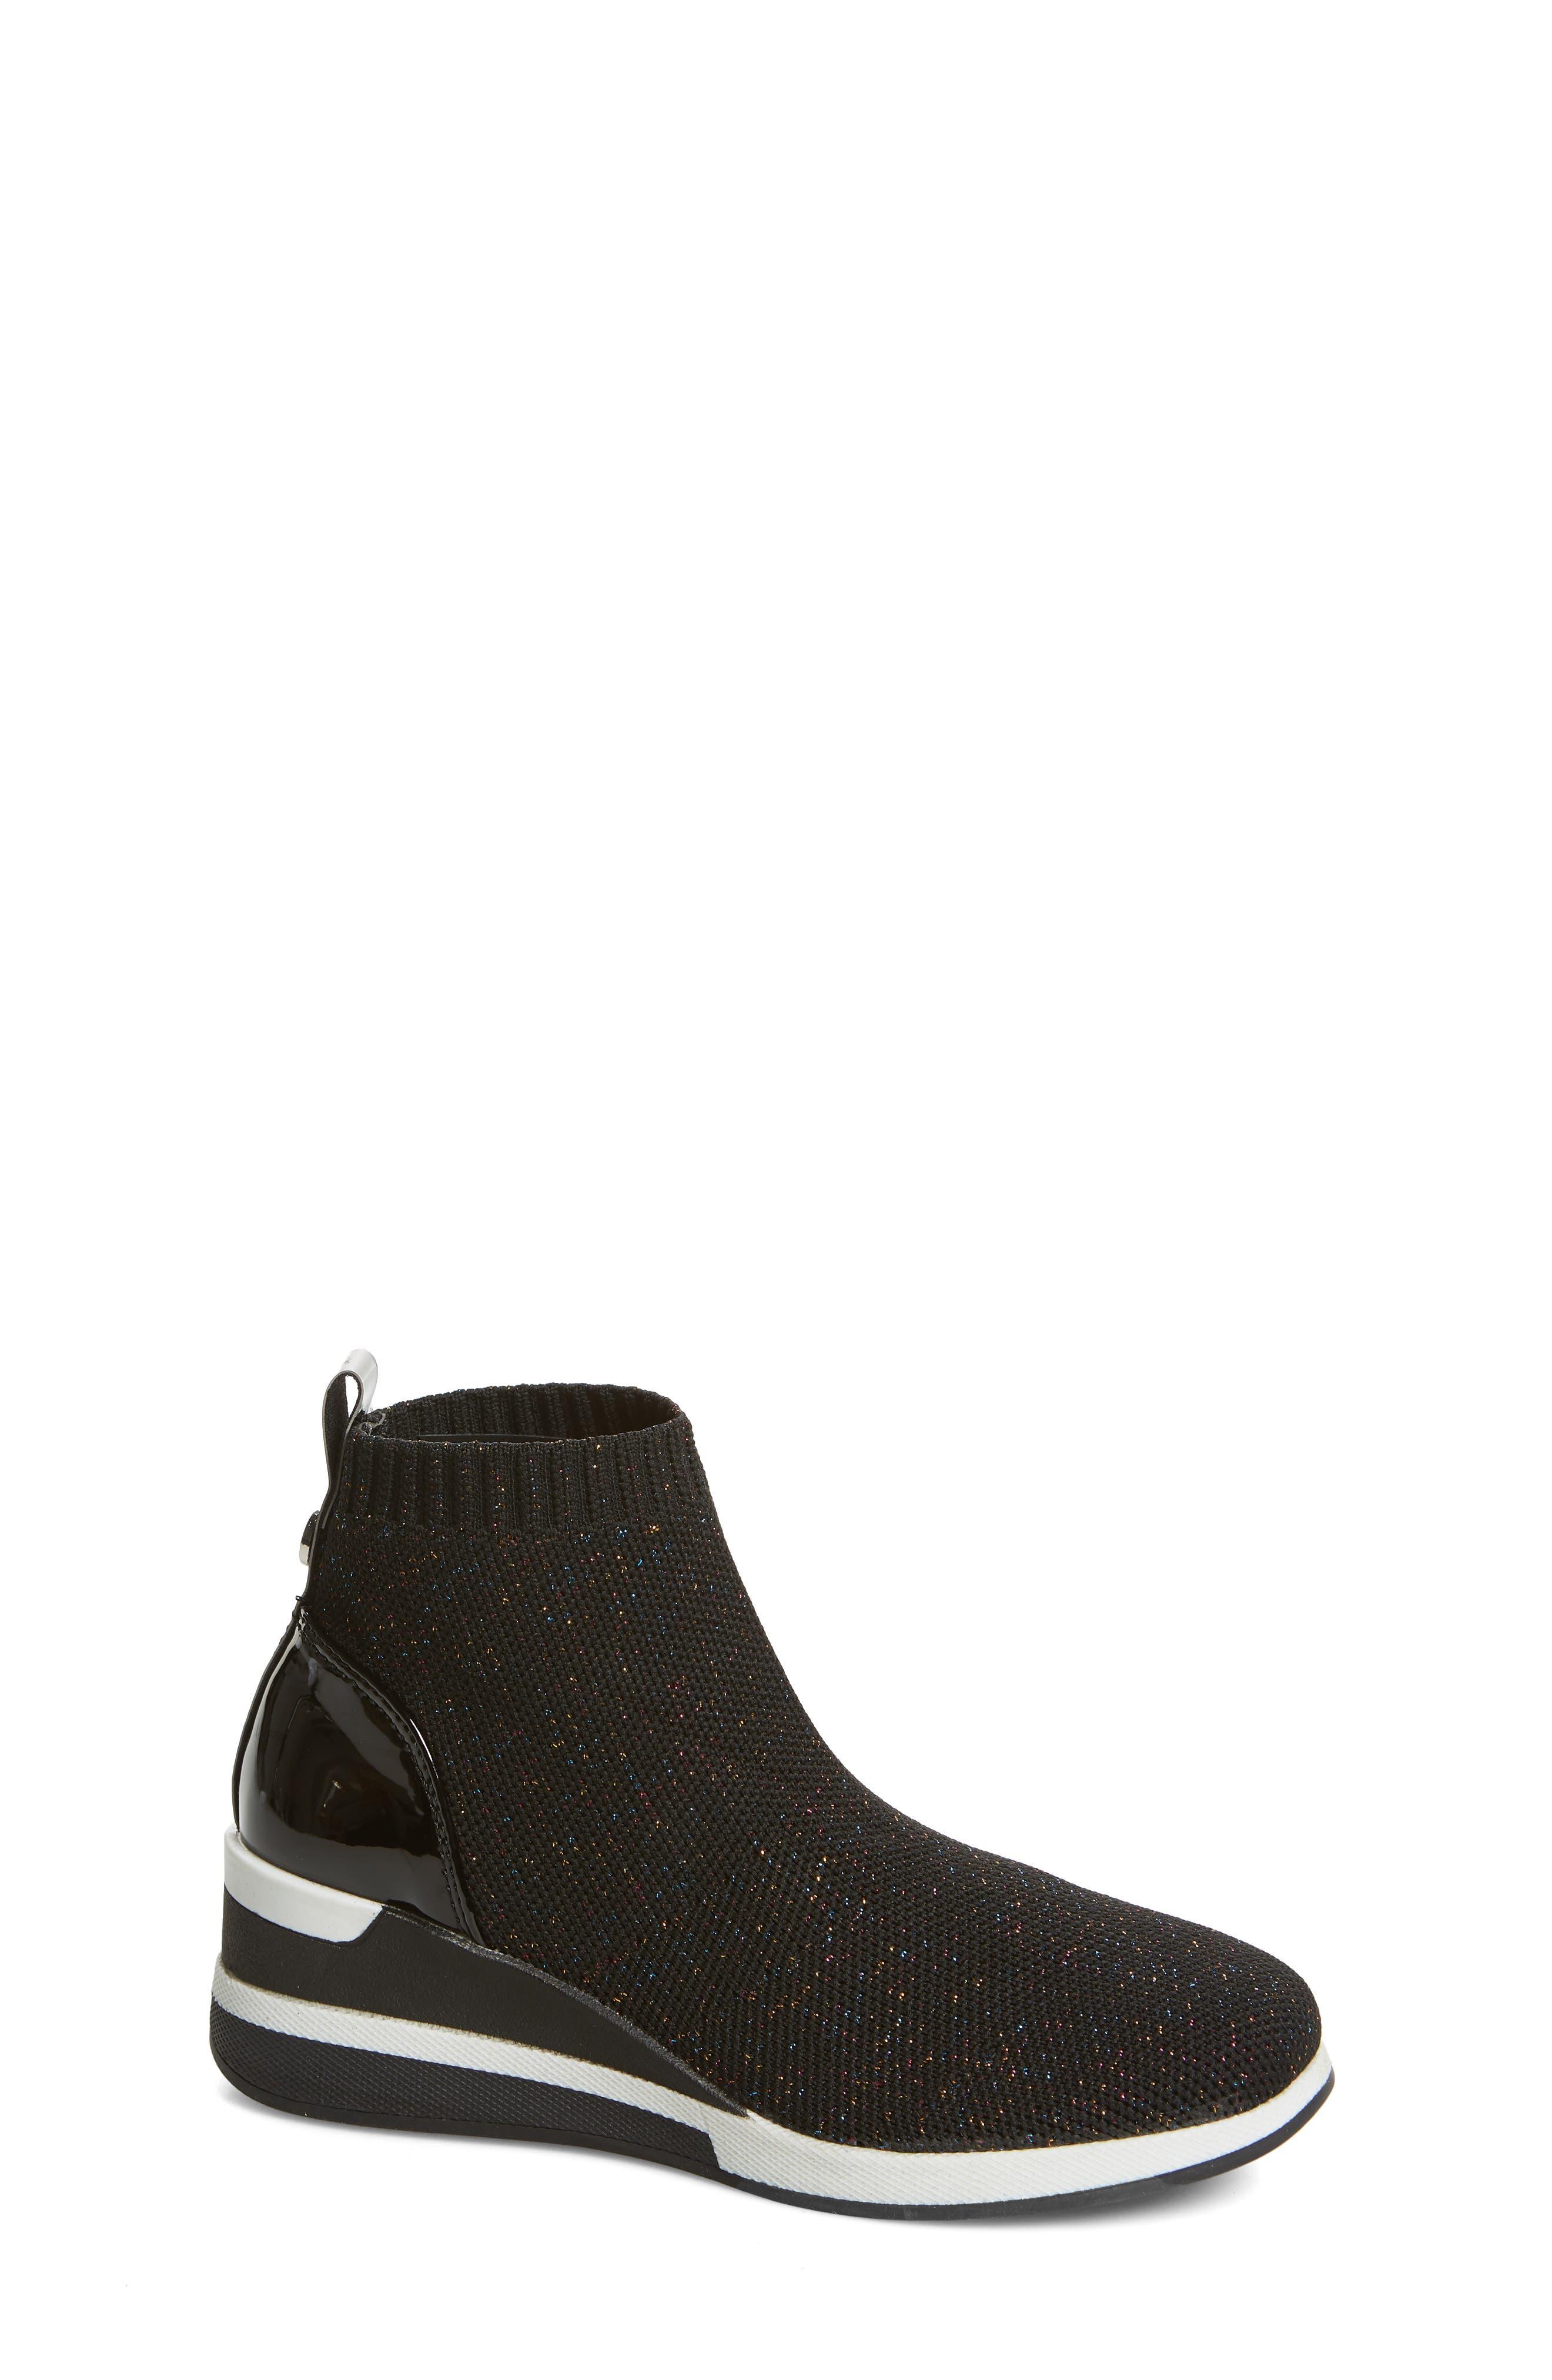 STEVE MADDEN,                             Dusky Metallic High Top Wedge Sock Sneaker,                             Main thumbnail 1, color,                             BLACK MULTI